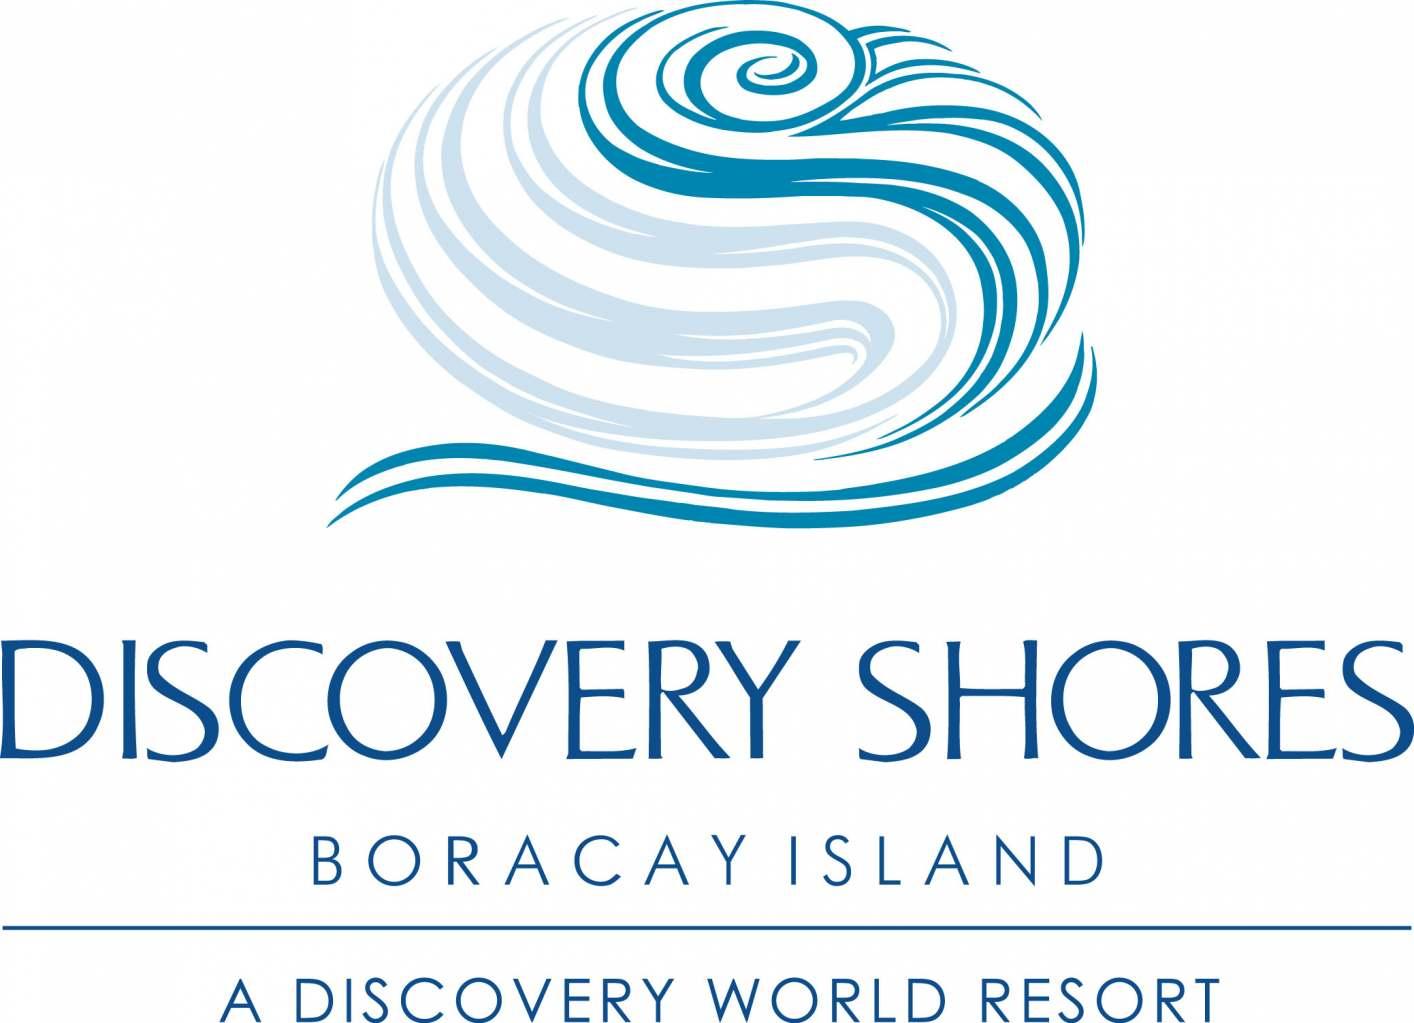 Discovery Shores Boracay Logo